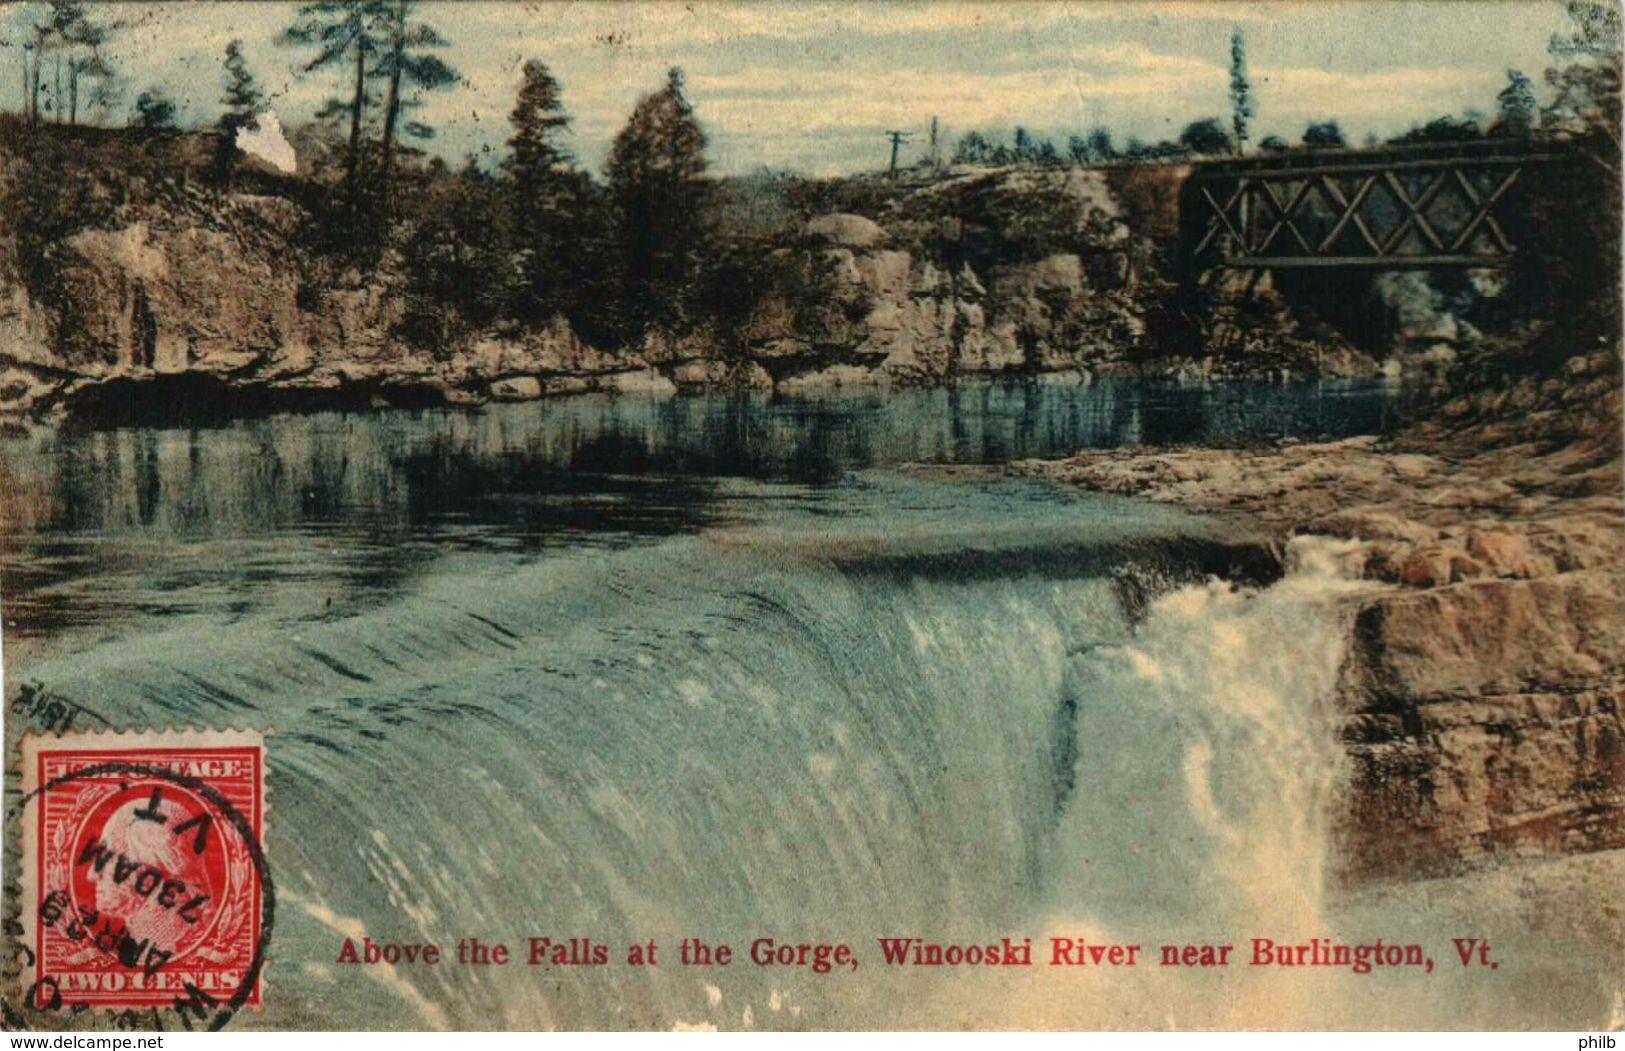 Above The Falls At The Gorge - Winooski River Near Burlington, Vt - Burlington